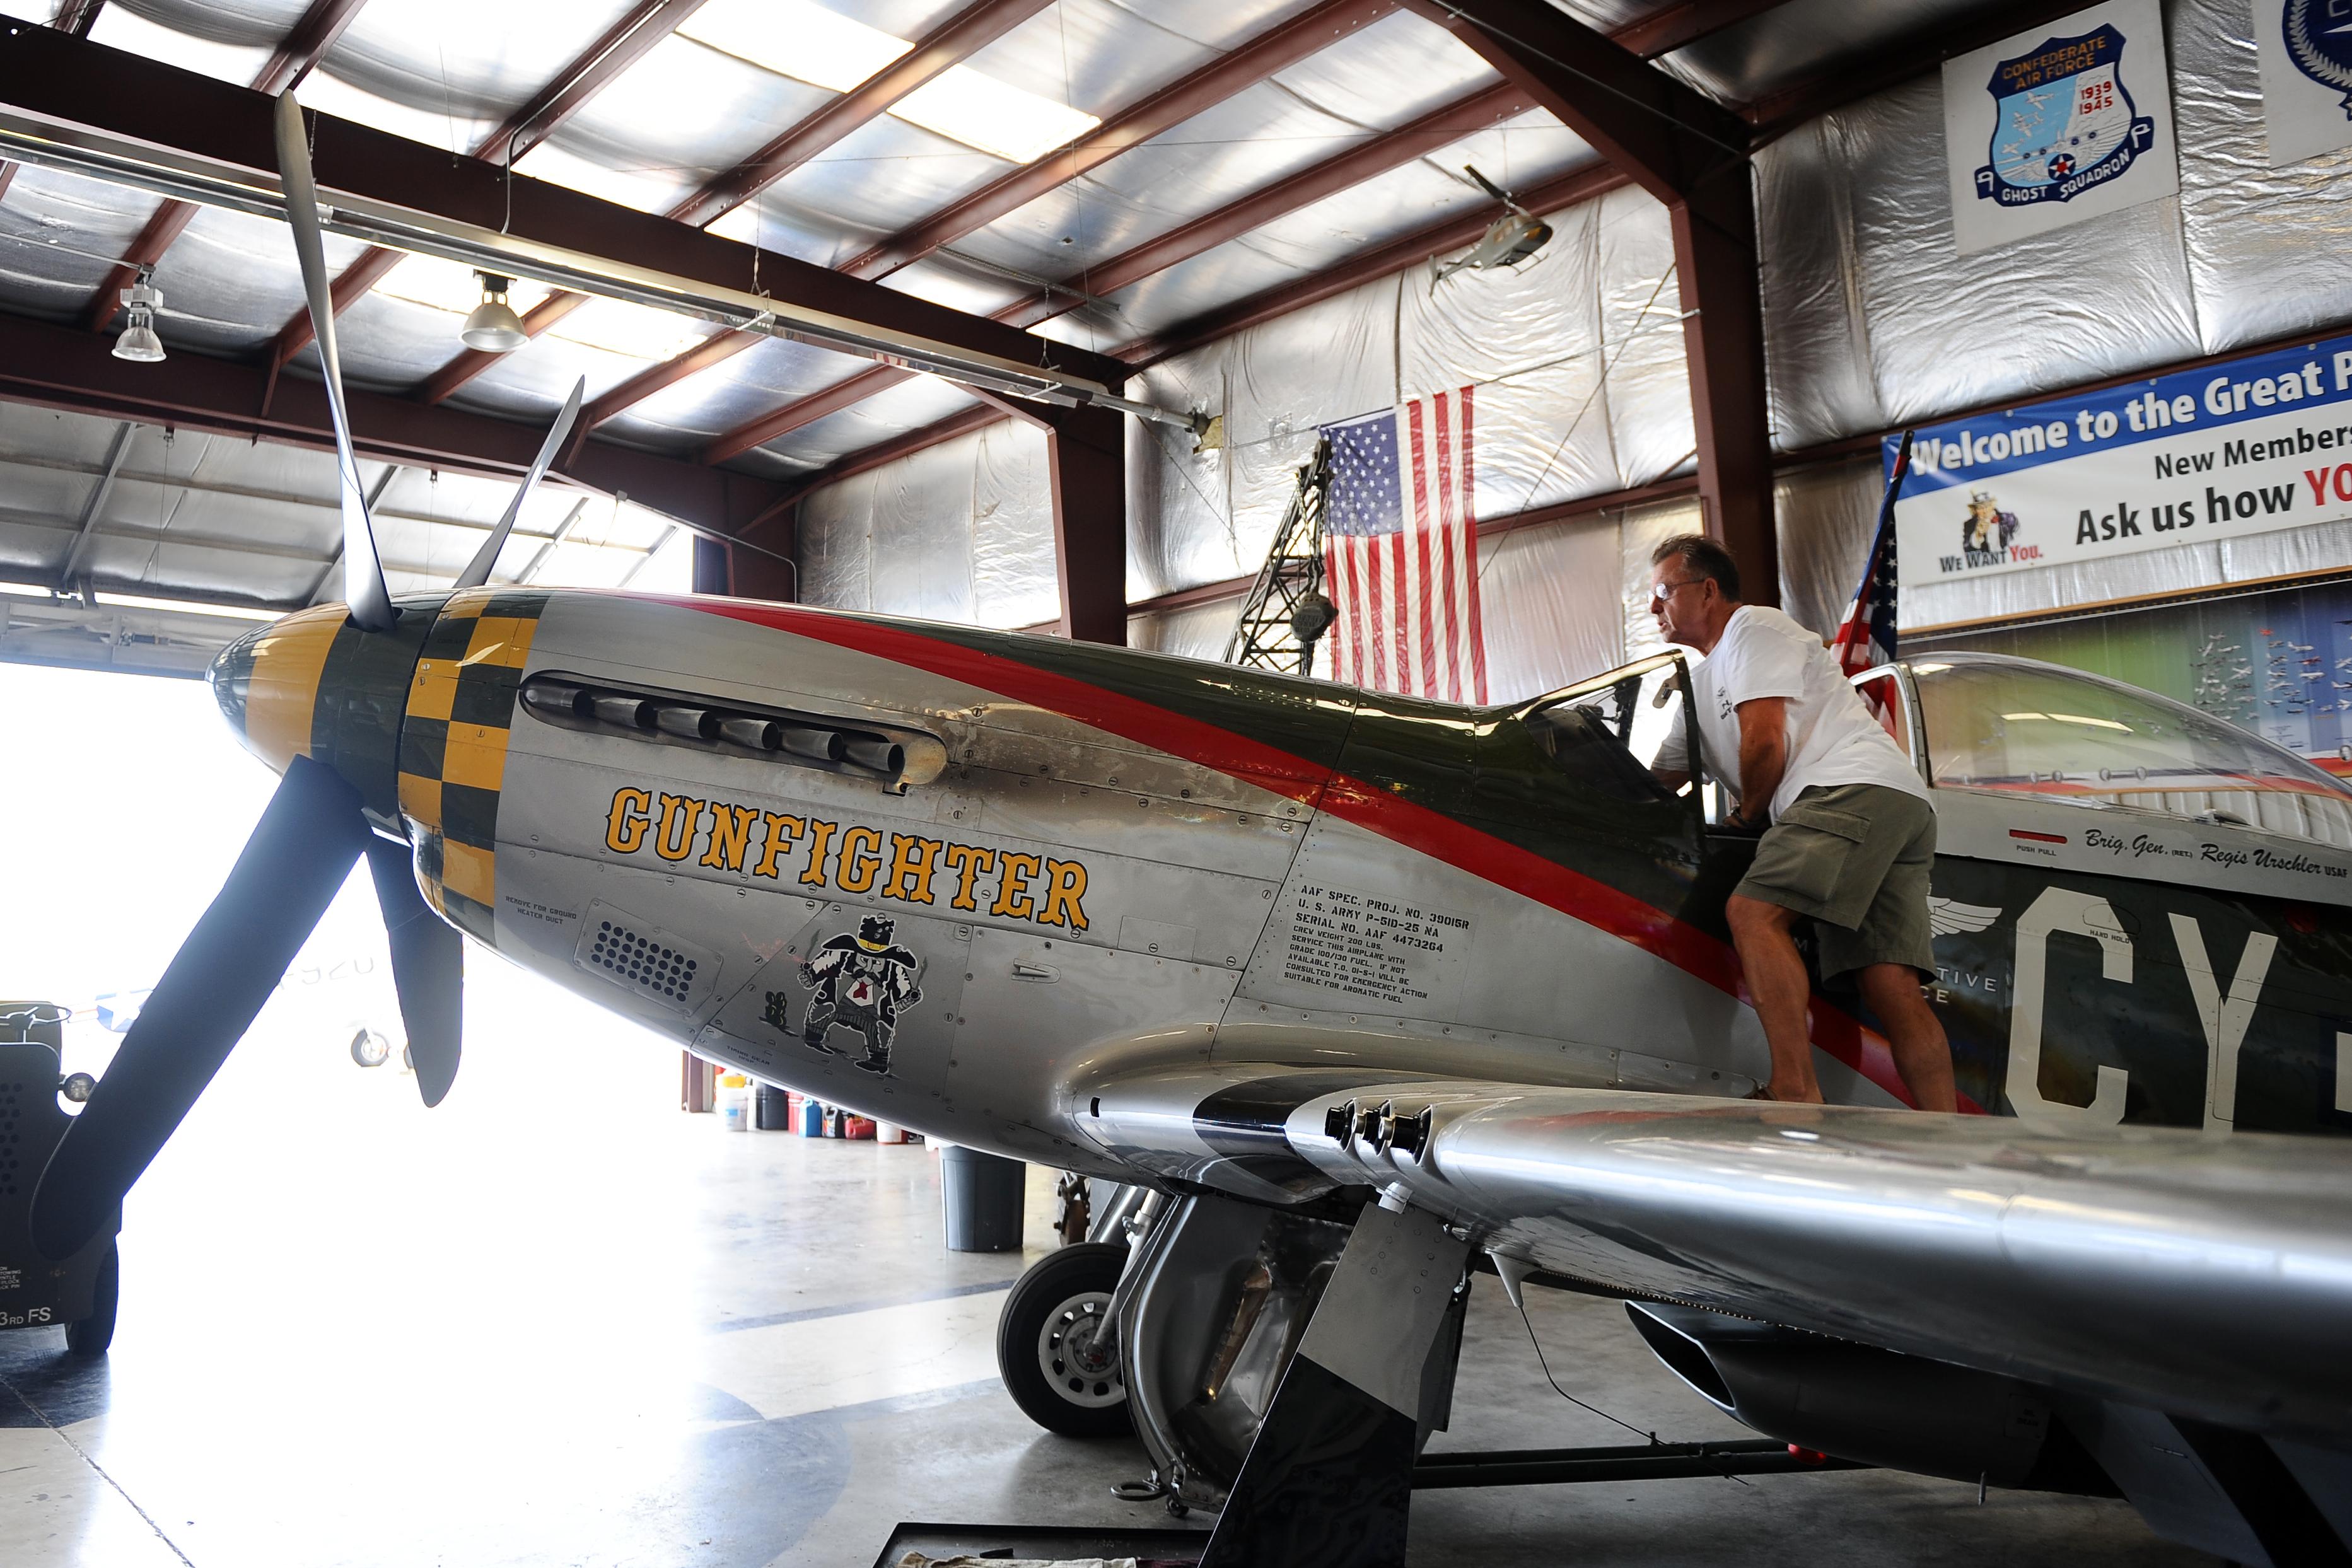 The Gunfighter Gt Offutt Air Force Base Gt Display